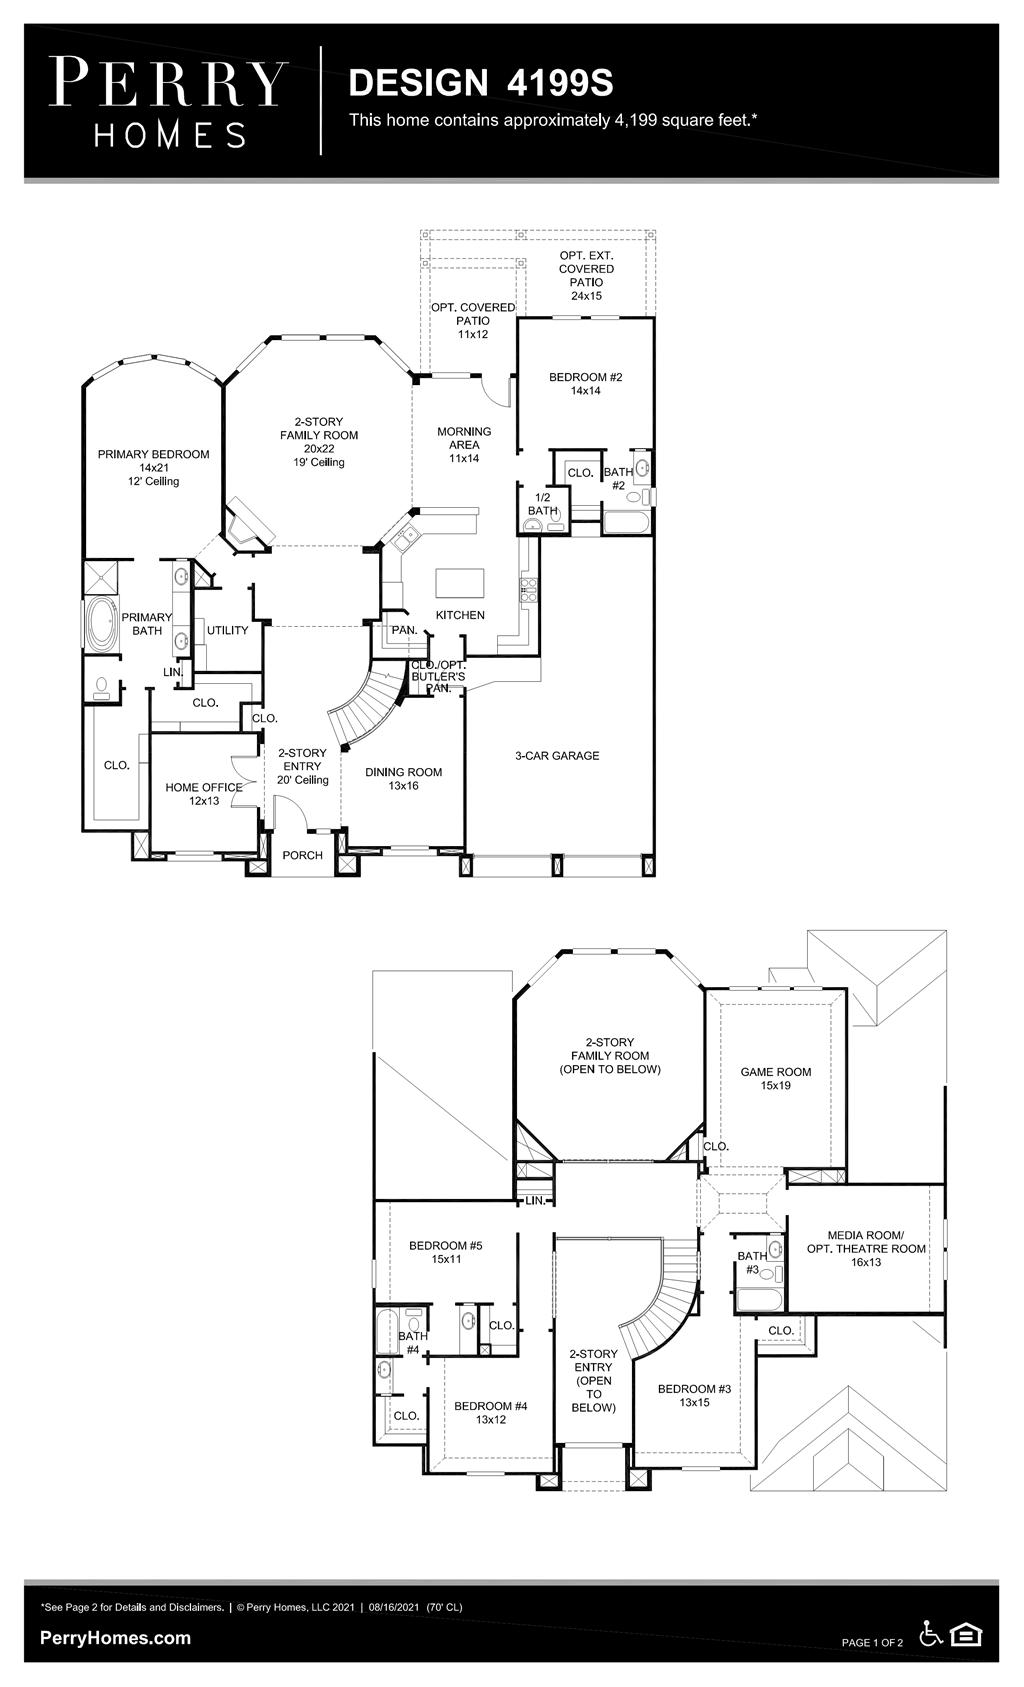 Floor Plan for 4199S